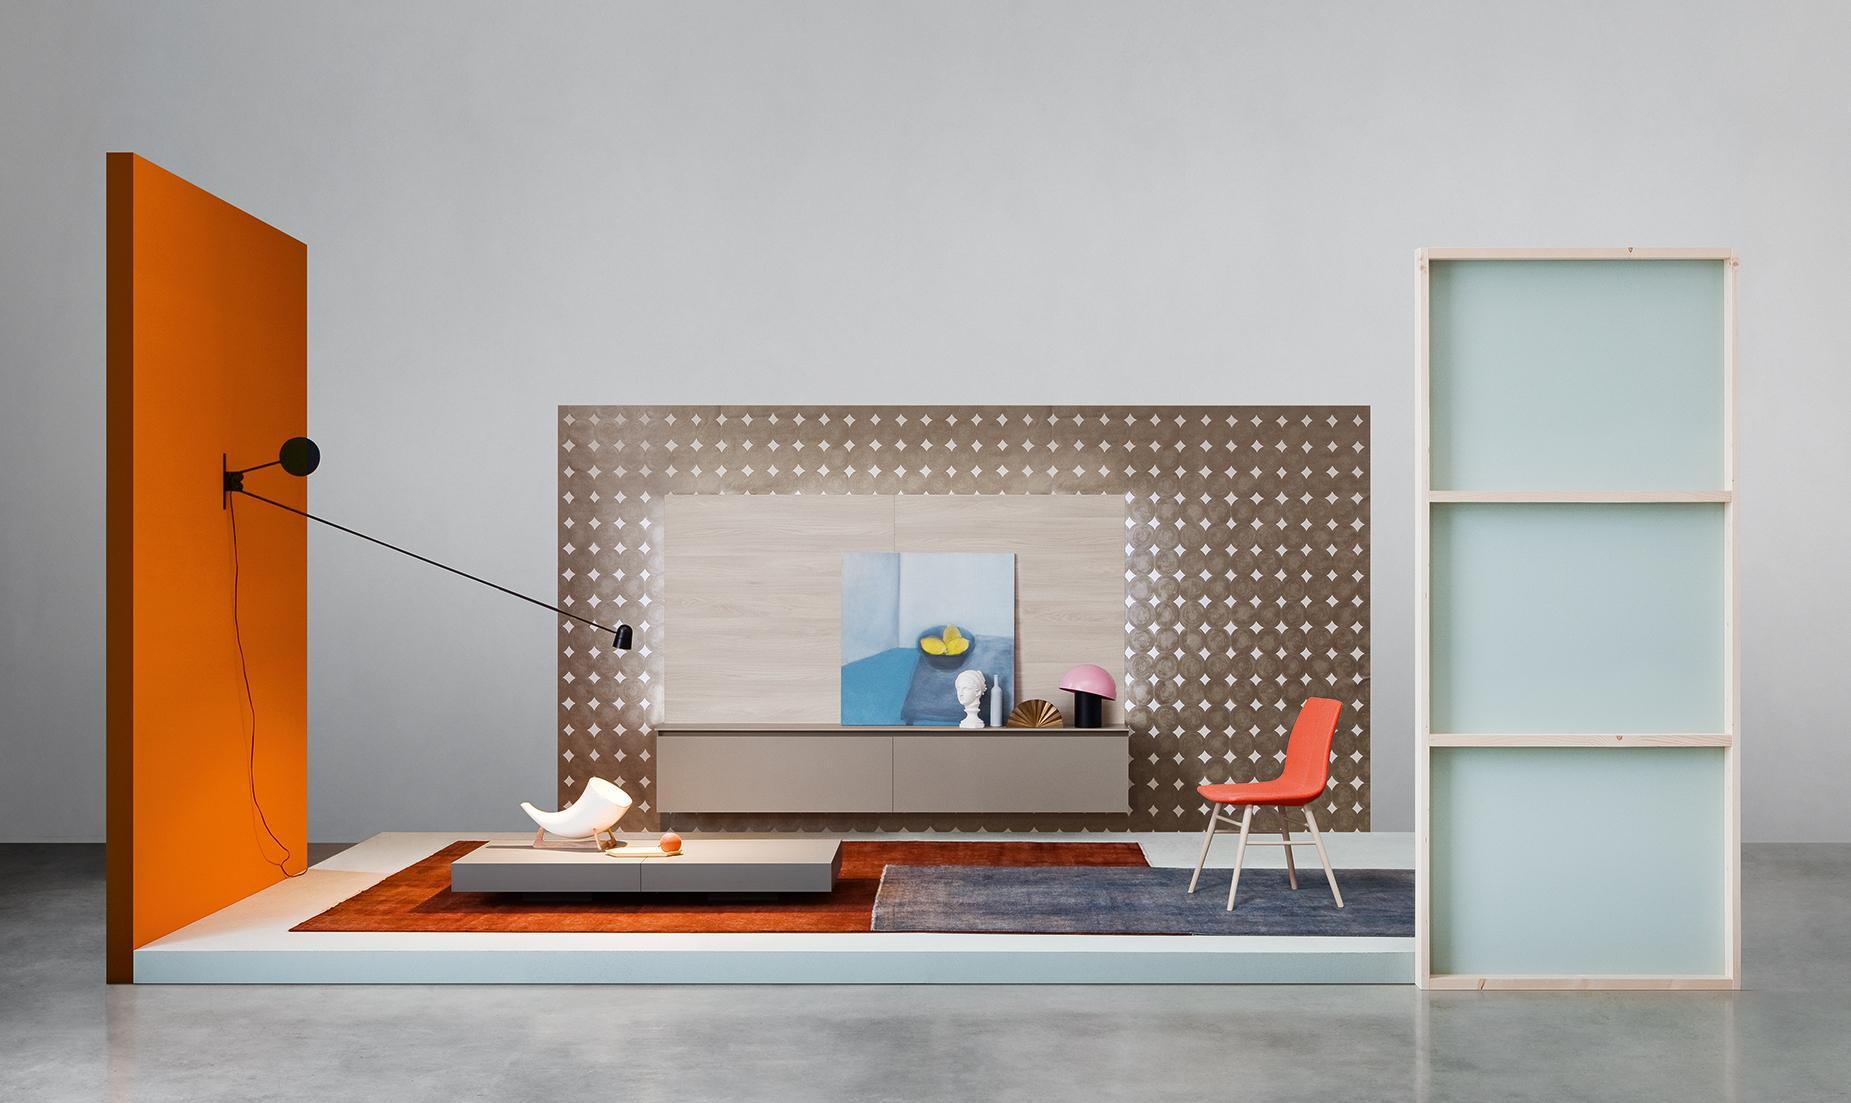 design wohnwand novamobili #wohnzimmer #wandschrank  • couchstyle, Wohnzimmer